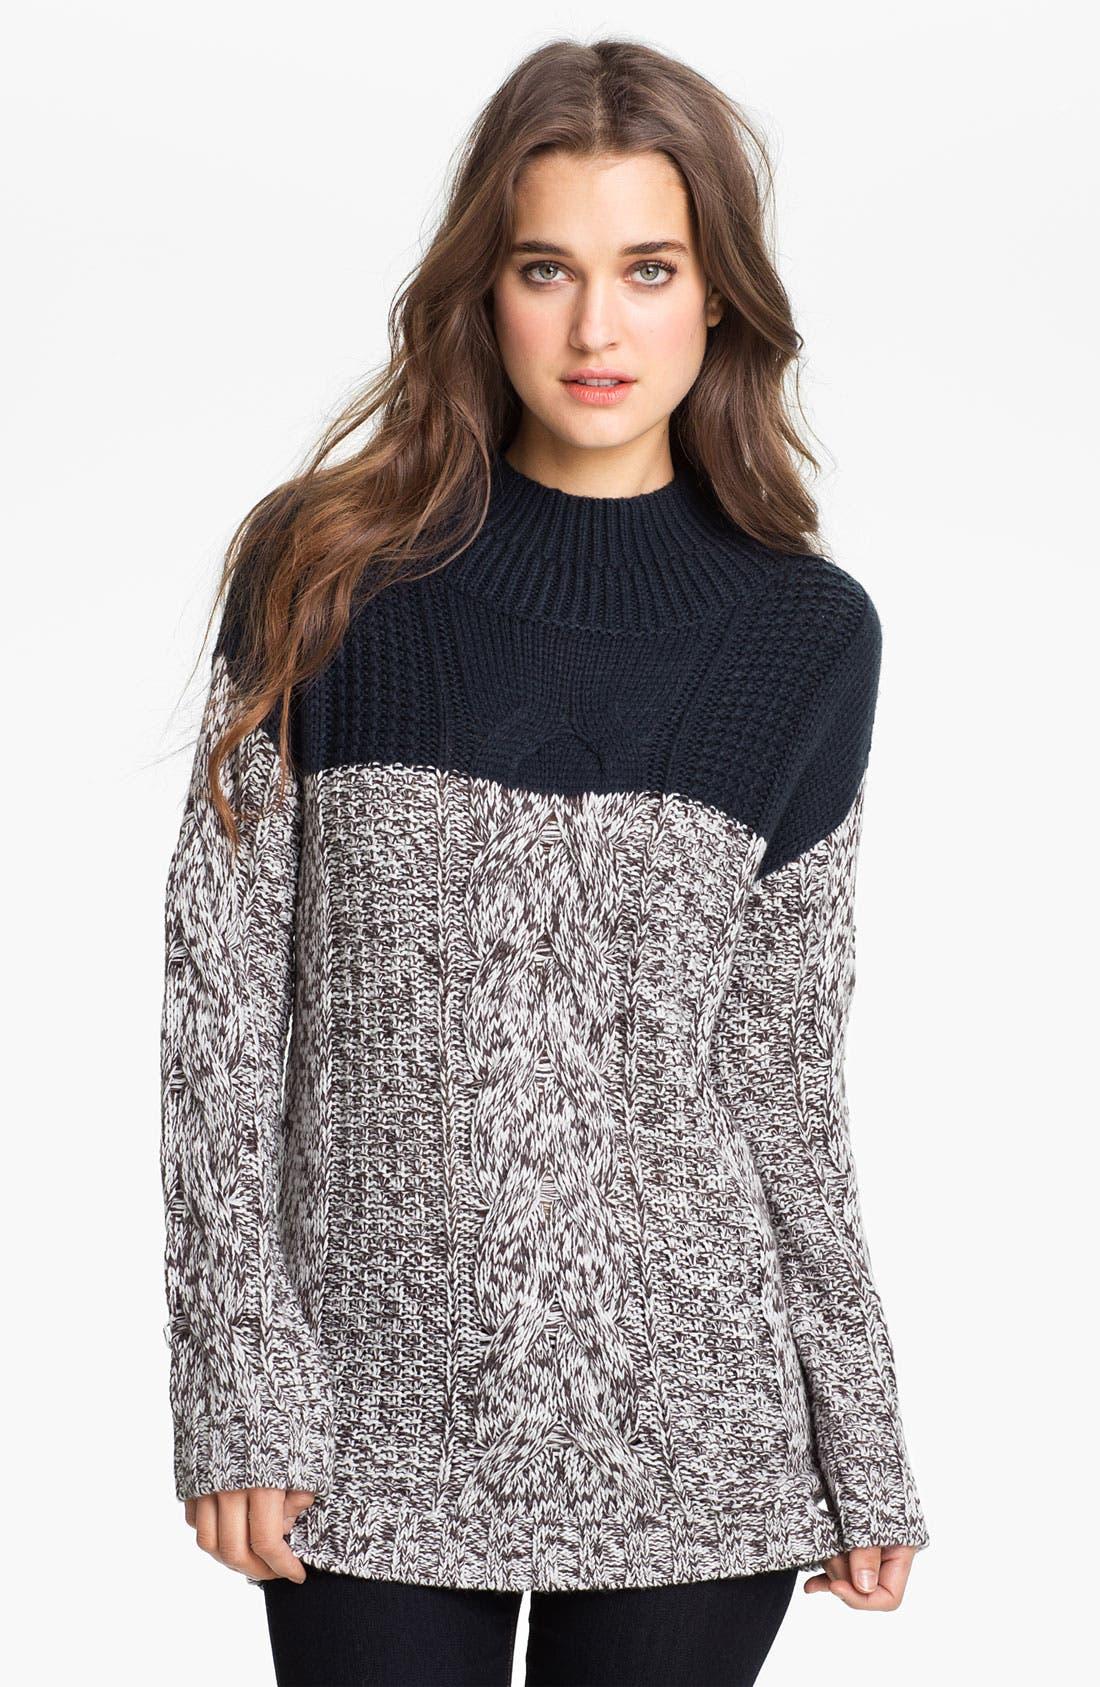 Main Image - Trouvé Colorblock Cable Sweater